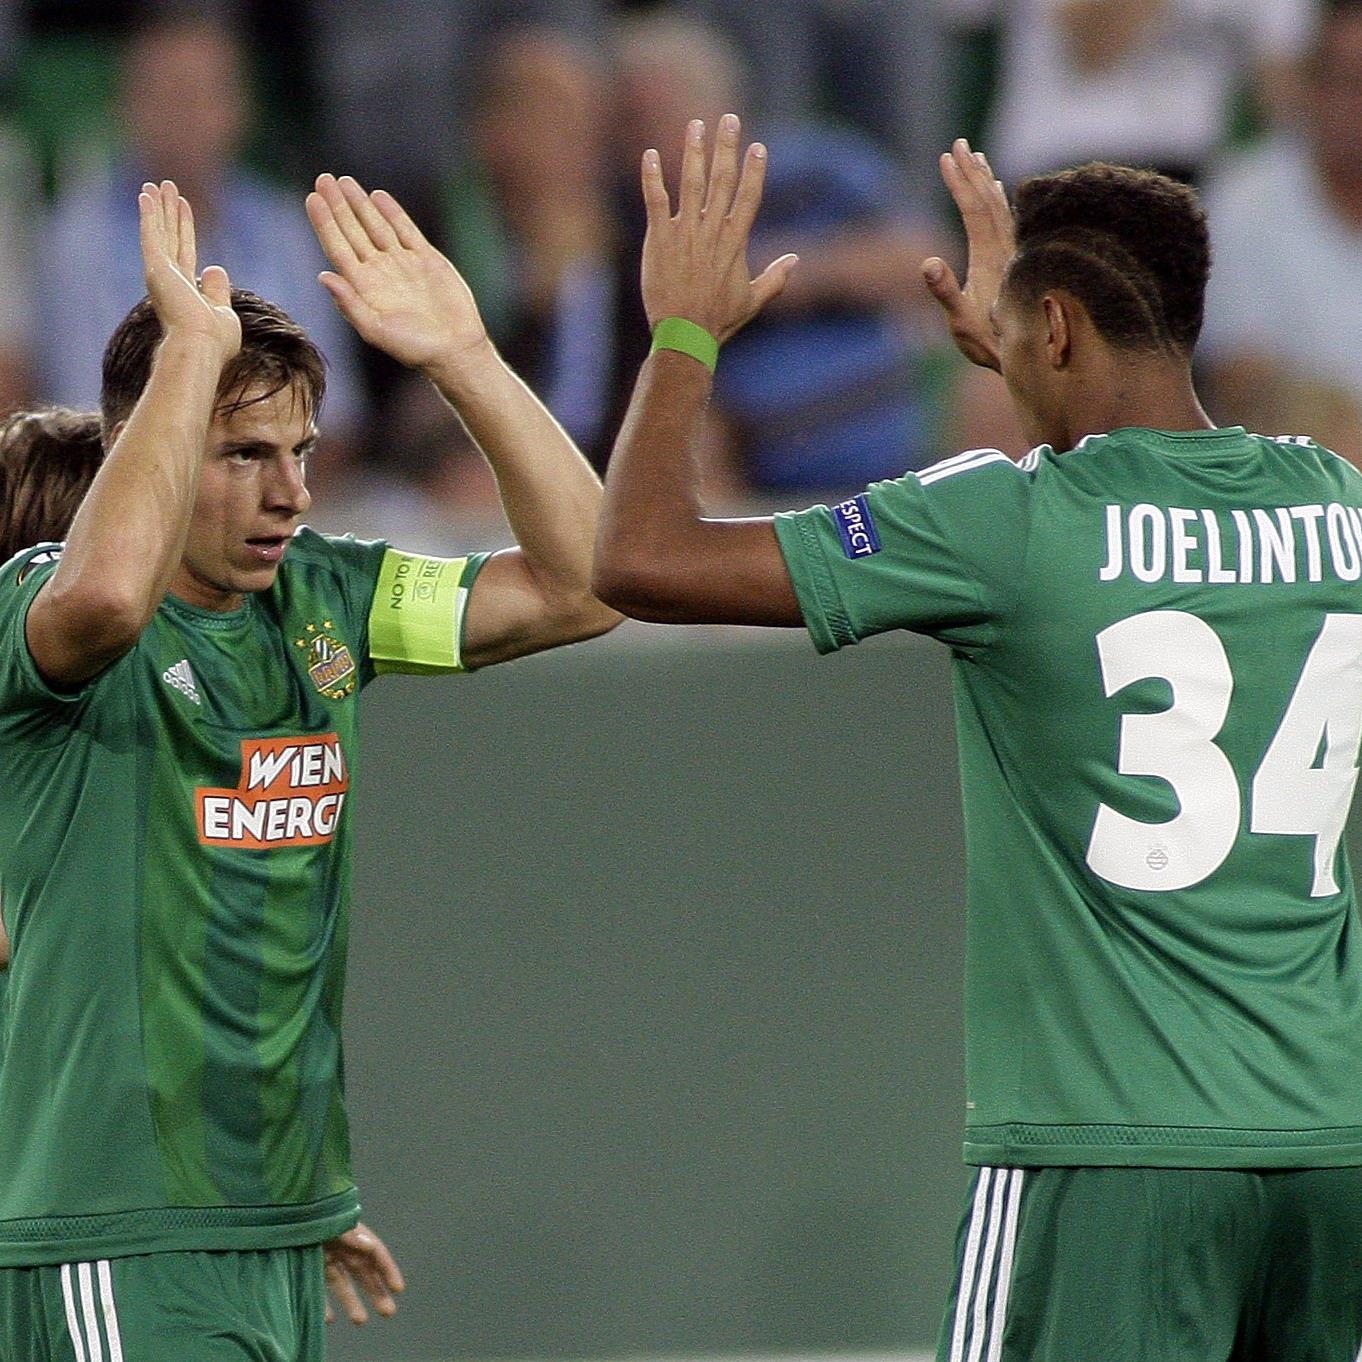 Schwab und Joelinton erzielten zwei der drei Rapid-Treffer.